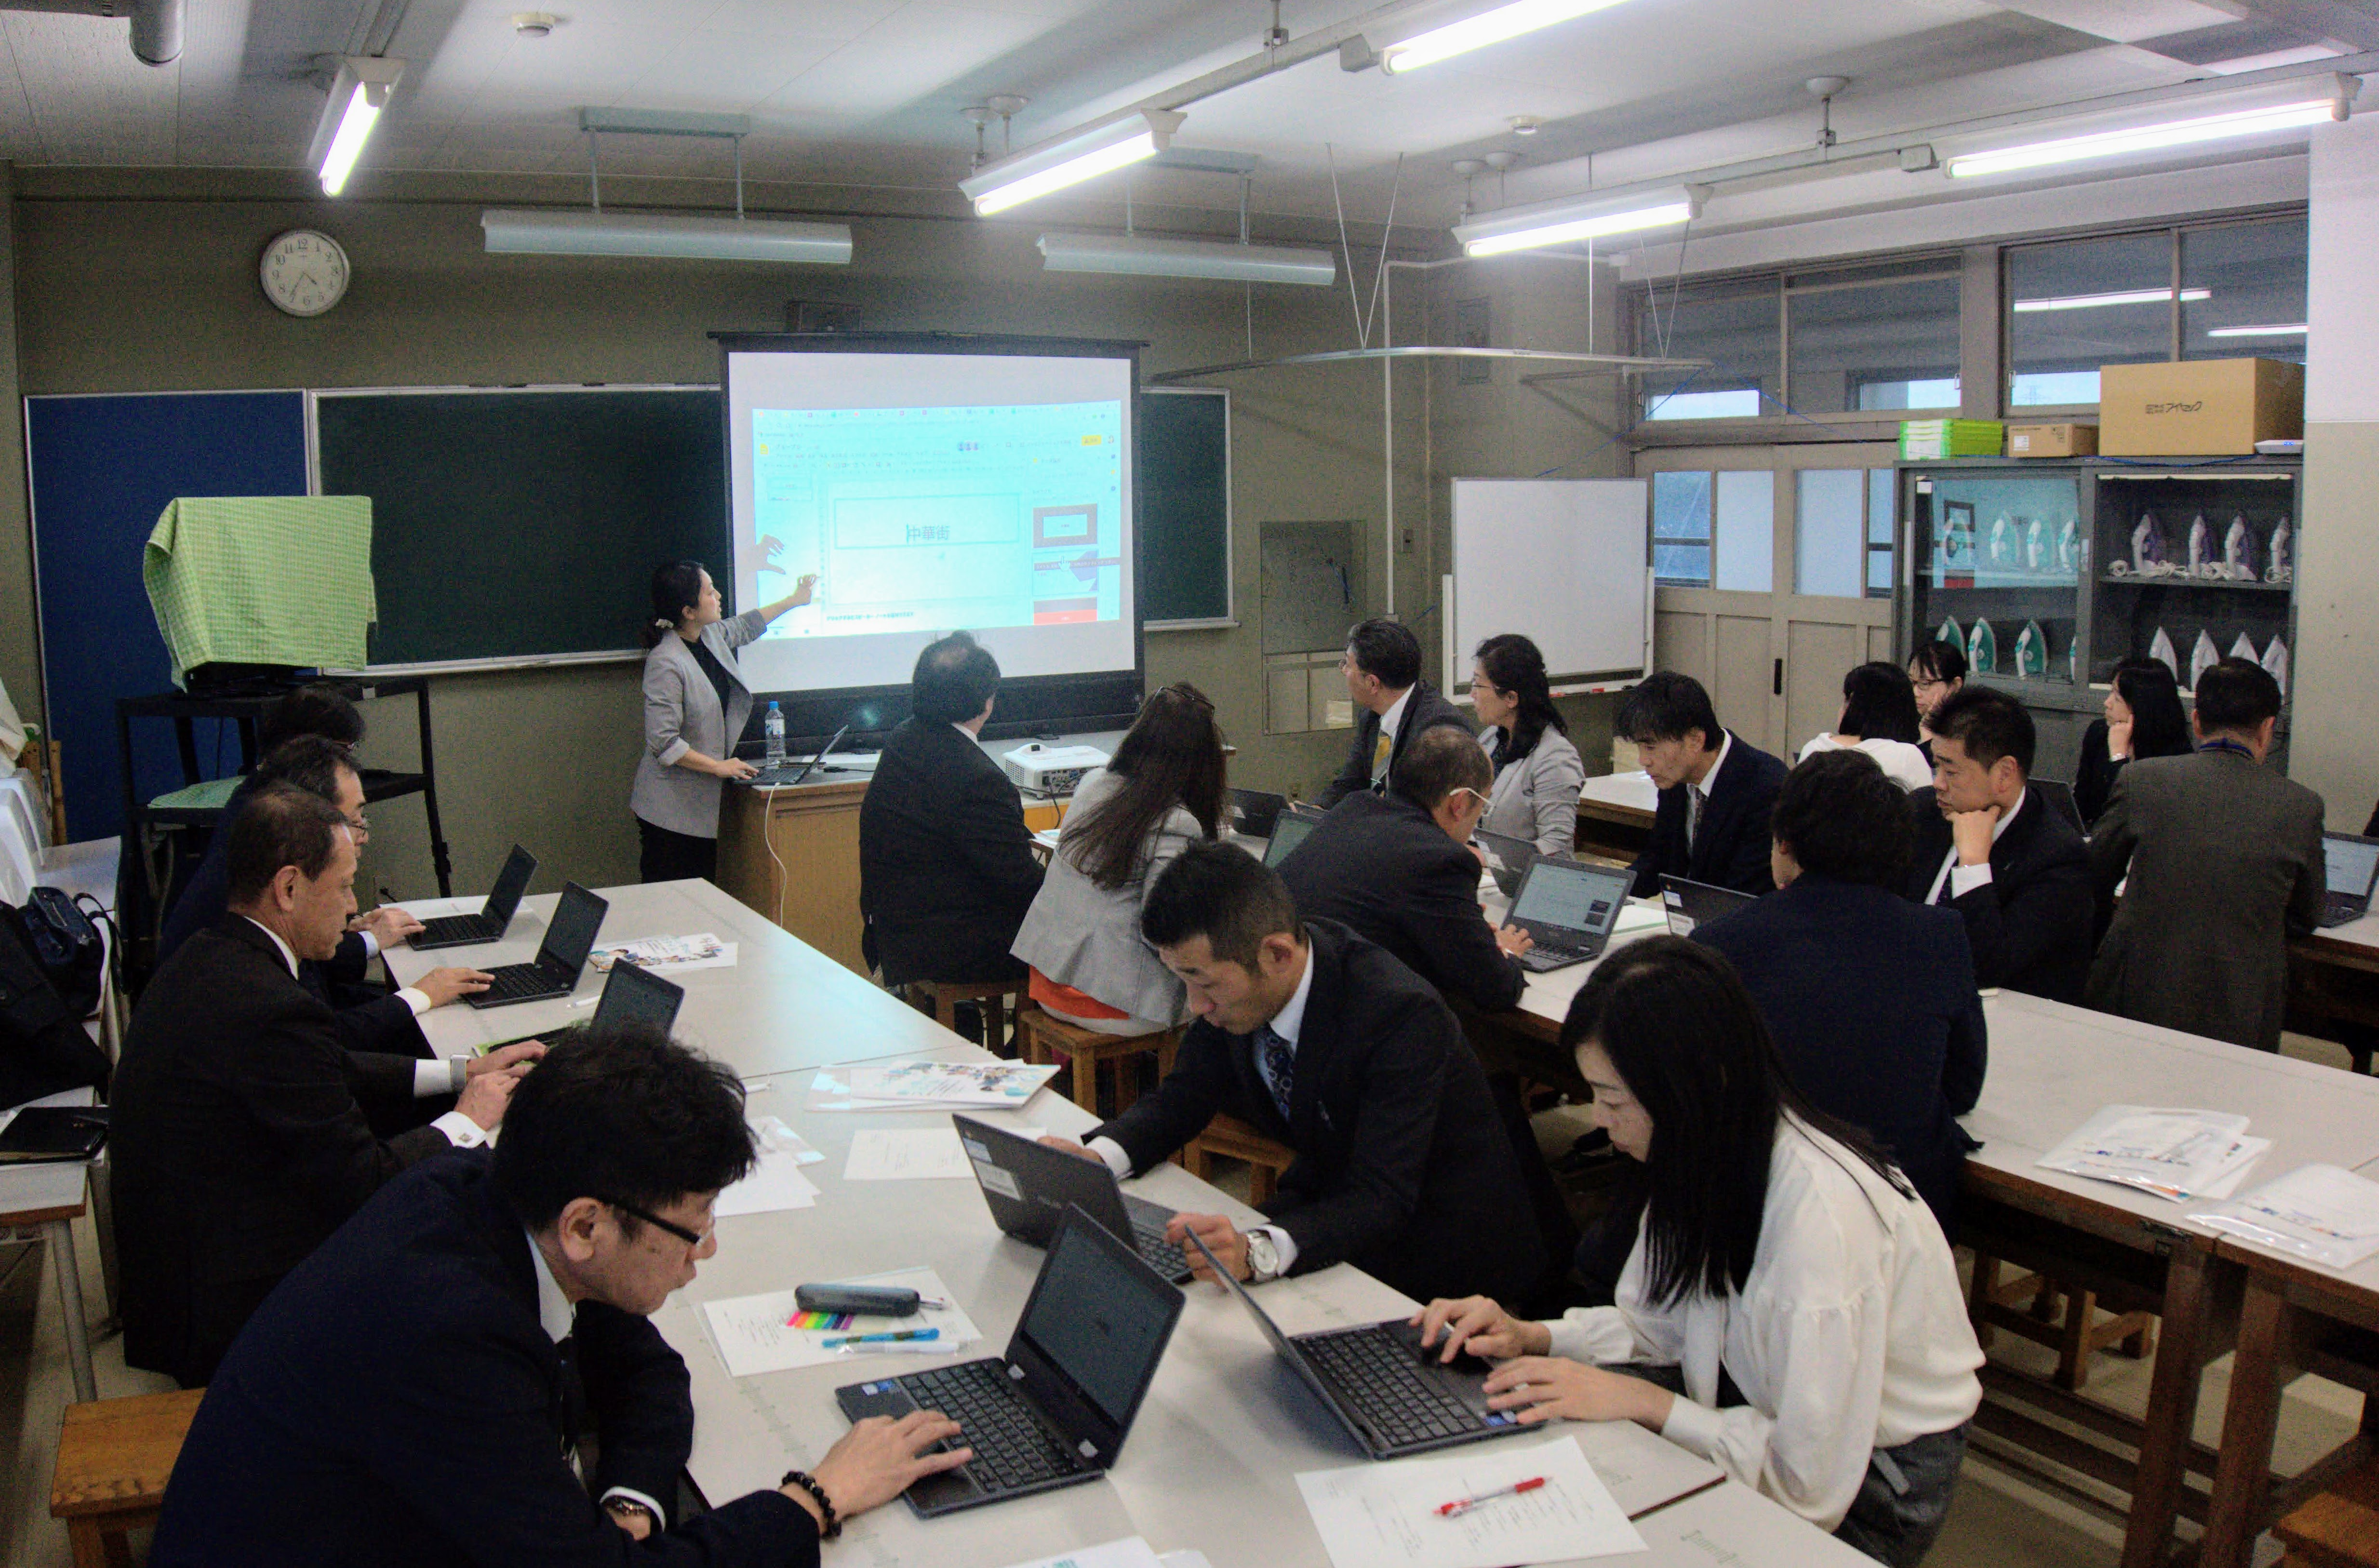 神奈川県北地区の教頭会にて、Google for Education の活用研修を行いました